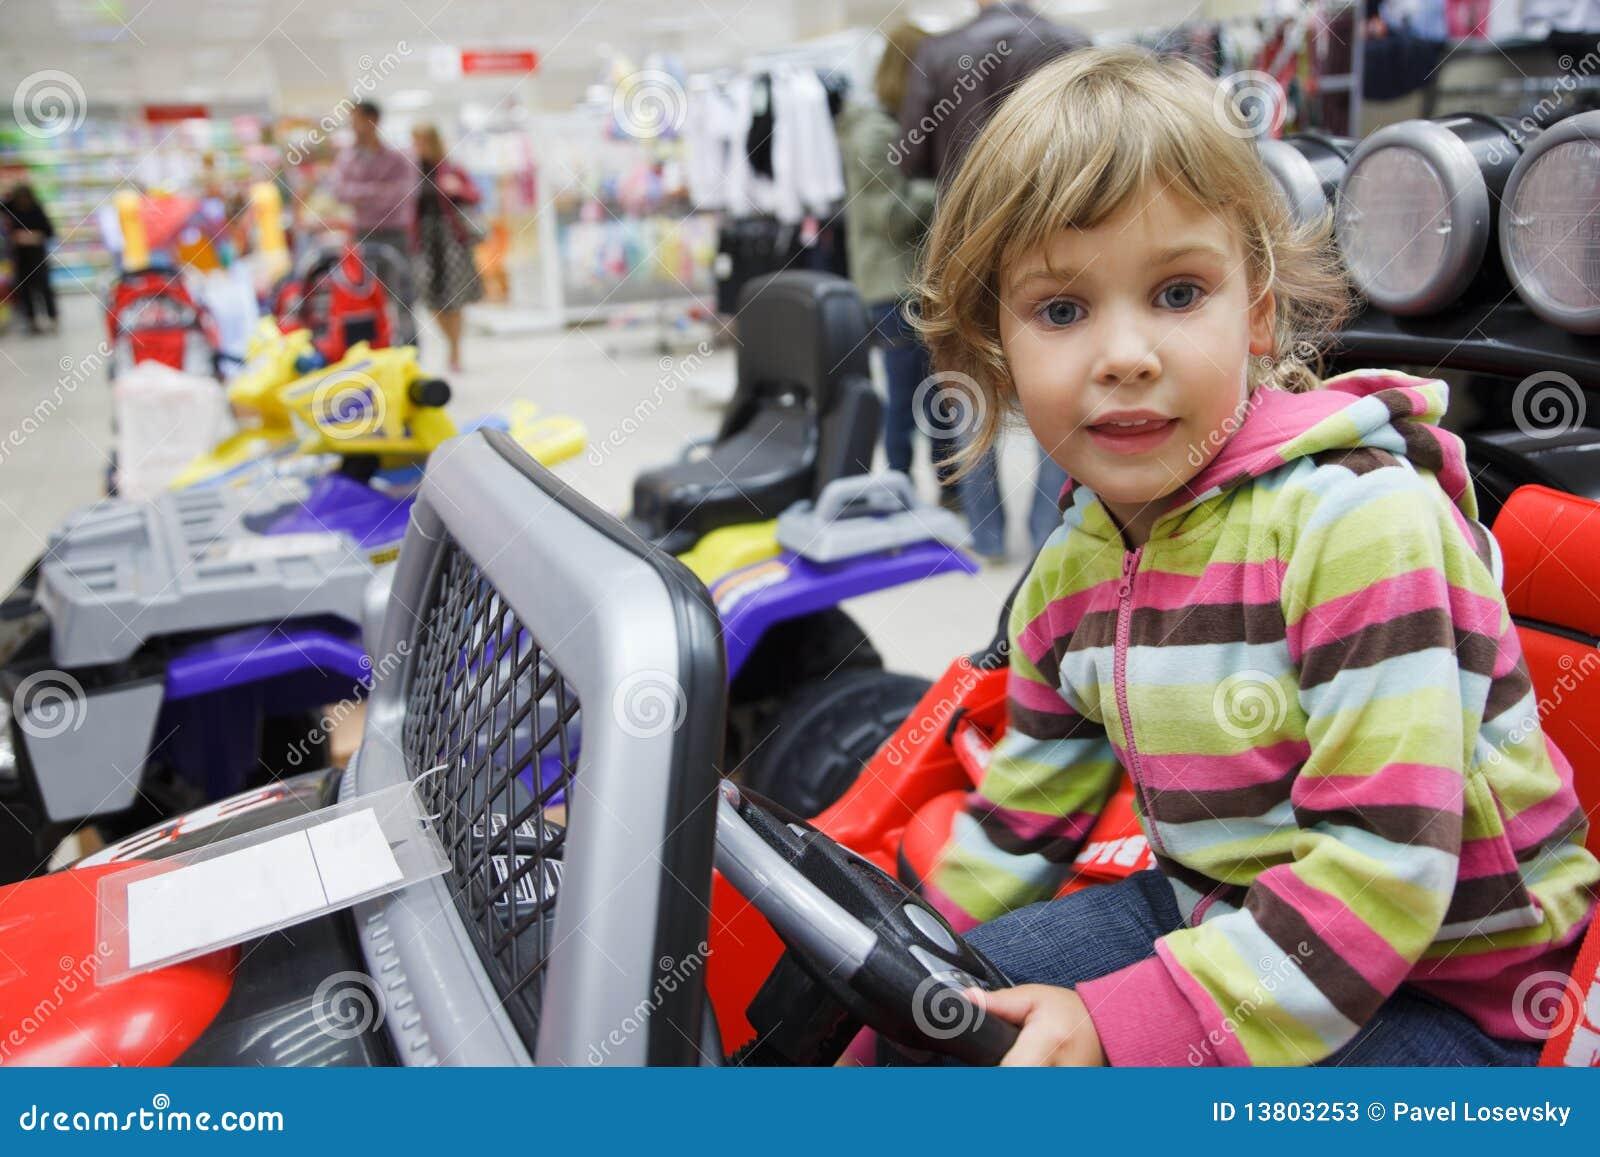 Mädchen im Supermarkt alleine in der Abteilung der Spielwaren